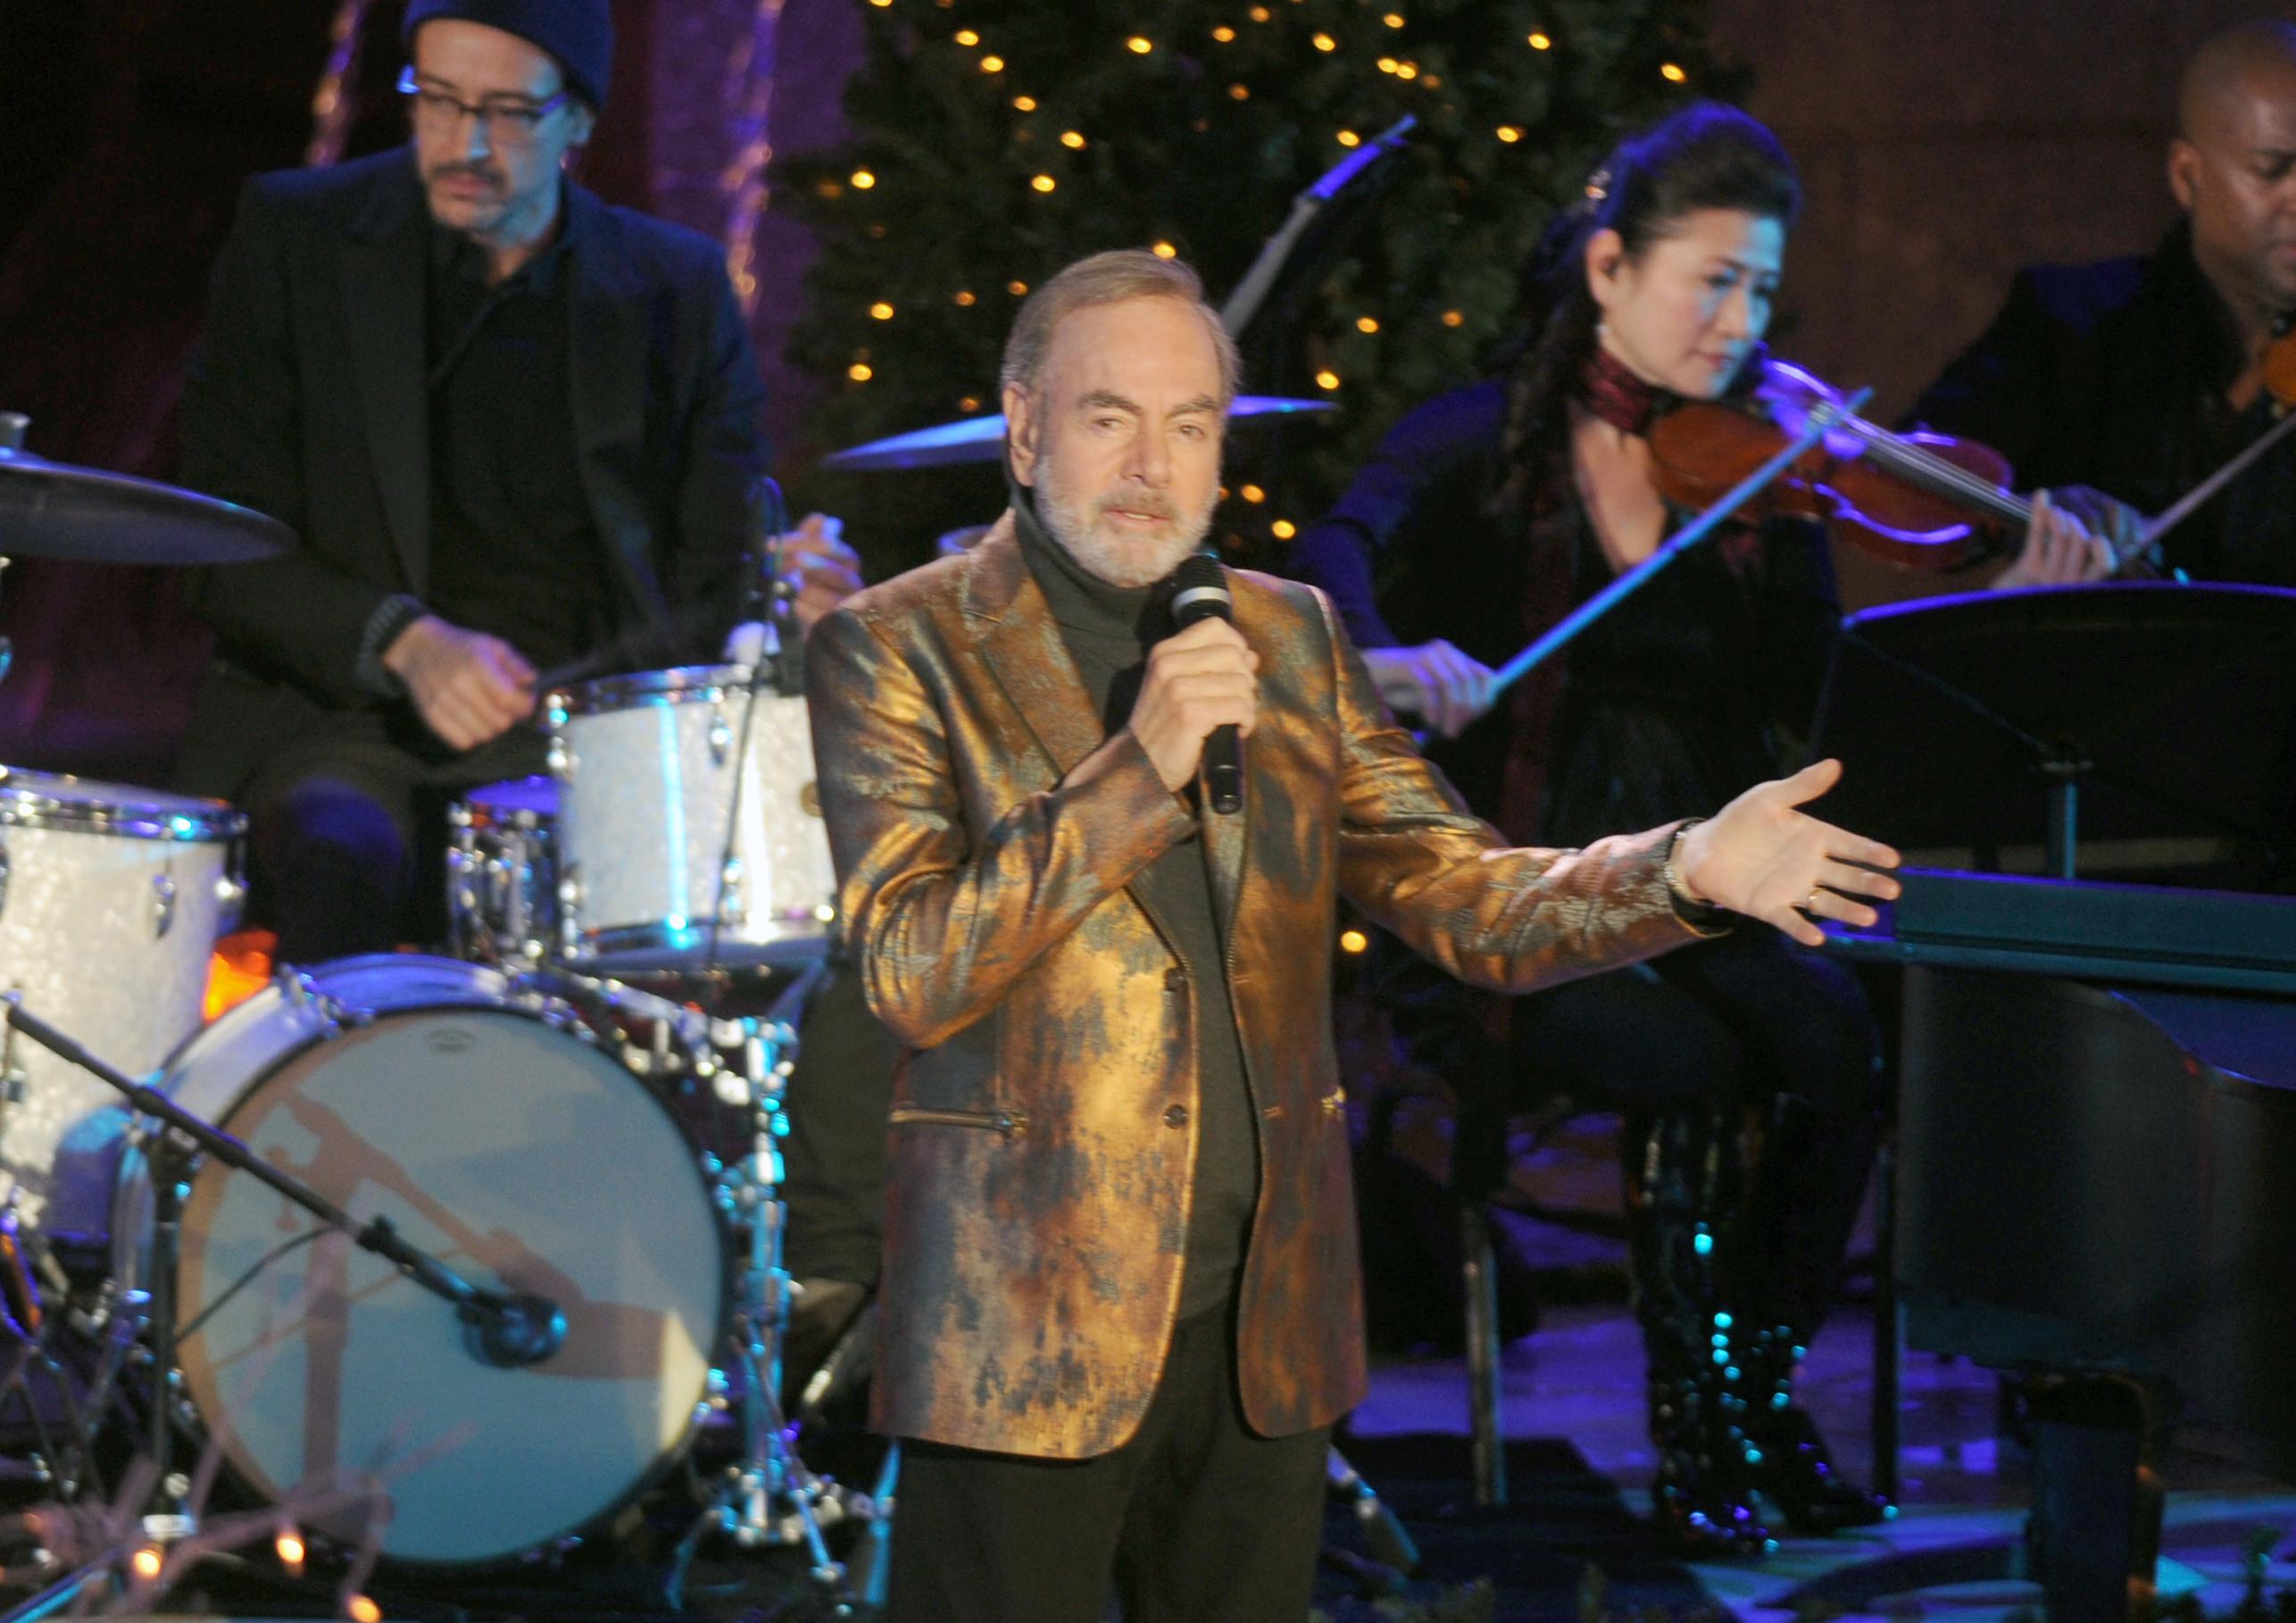 Уамериканского певца Нила Даймонда диагностировали болезнь Паркинсона